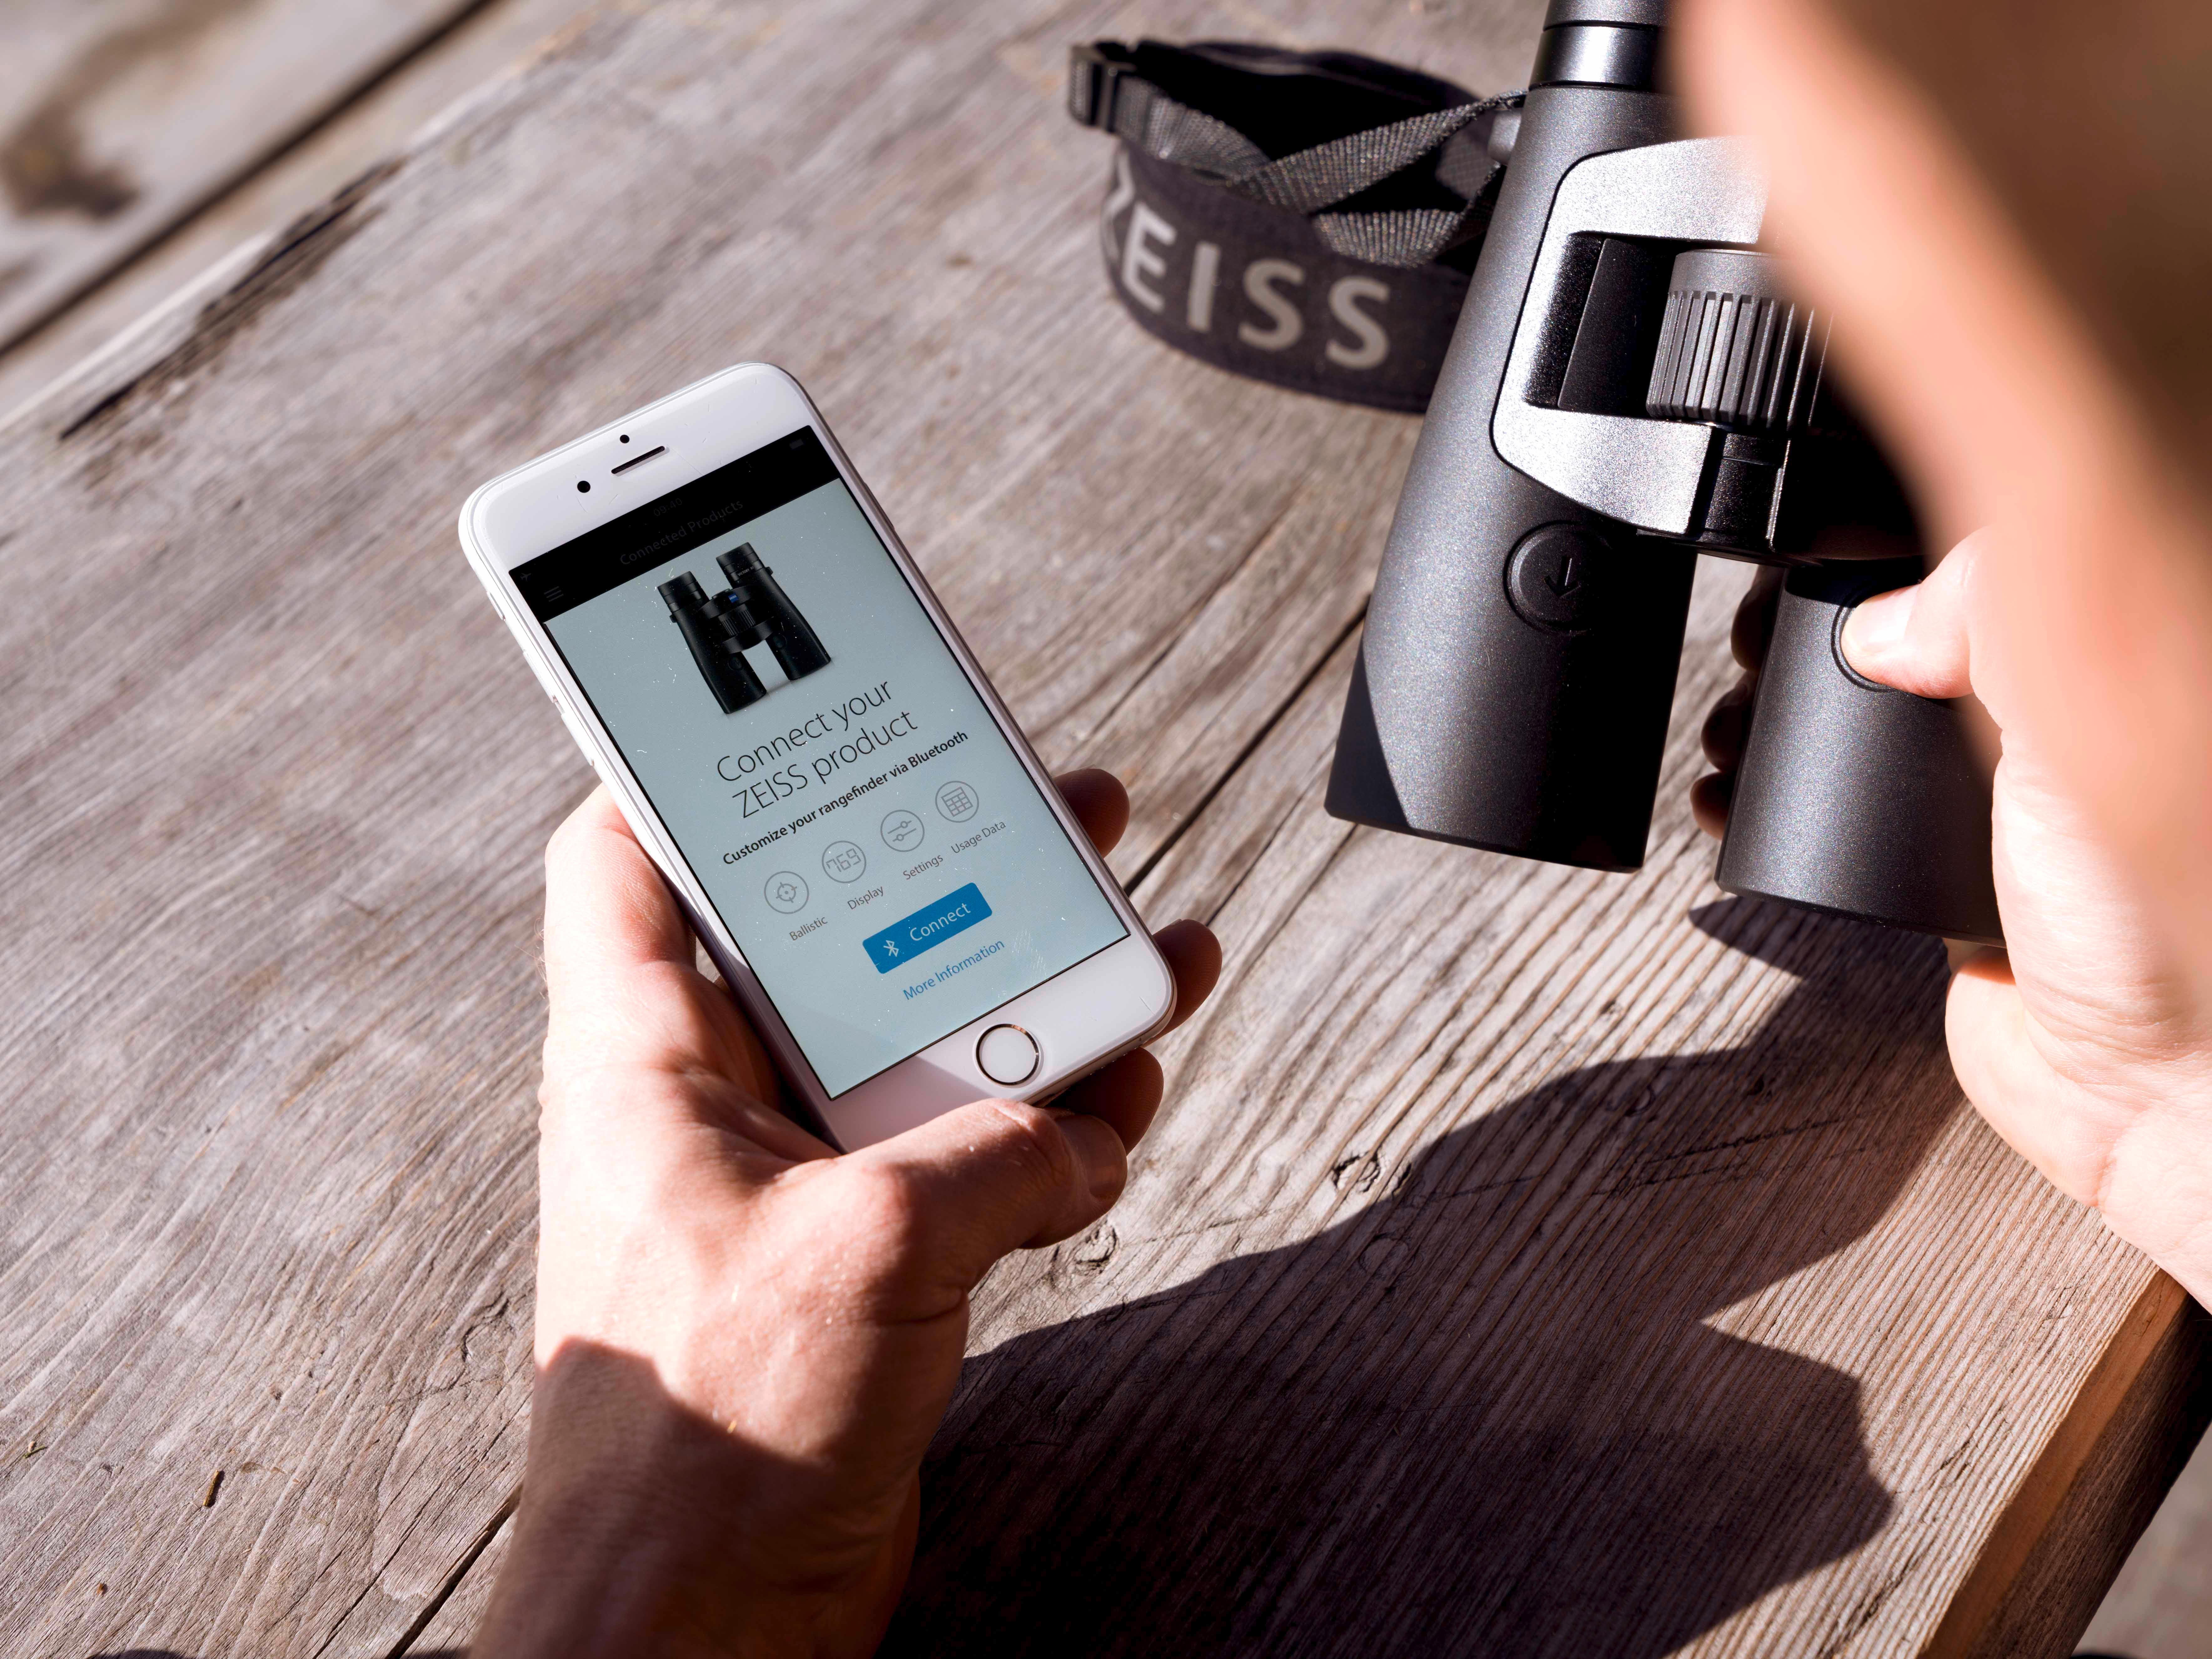 Aplicación App Zeiss Hunting para el nuevo prismático Victory RF de Zeiss.